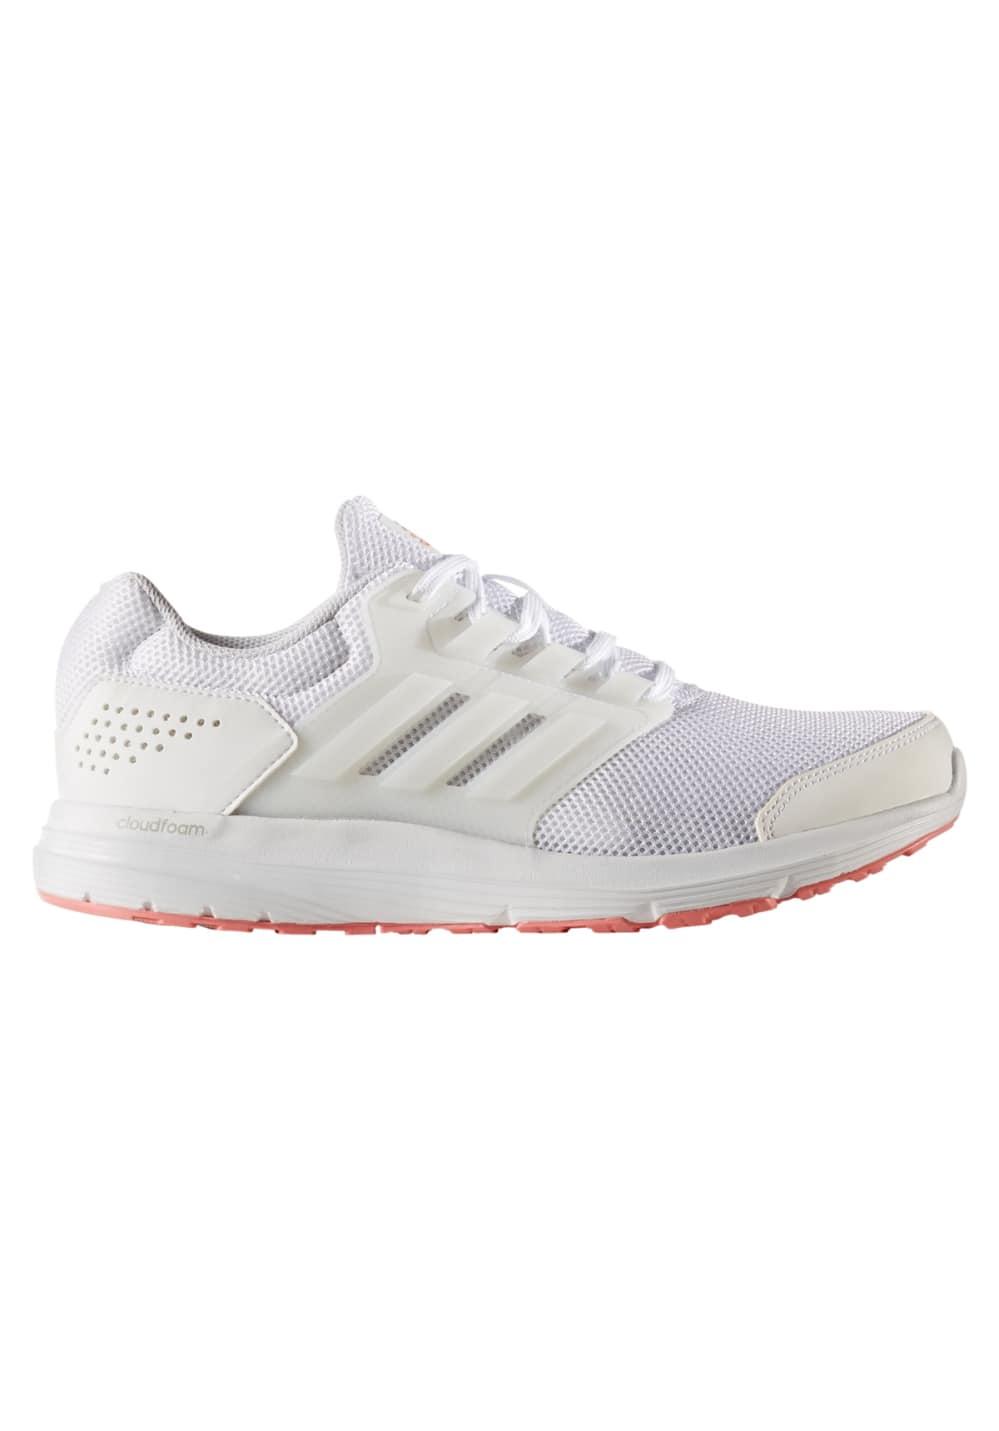 Galaxy Für 4 Laufschuhe Adidas Weiß Damen wXOPiTukZ